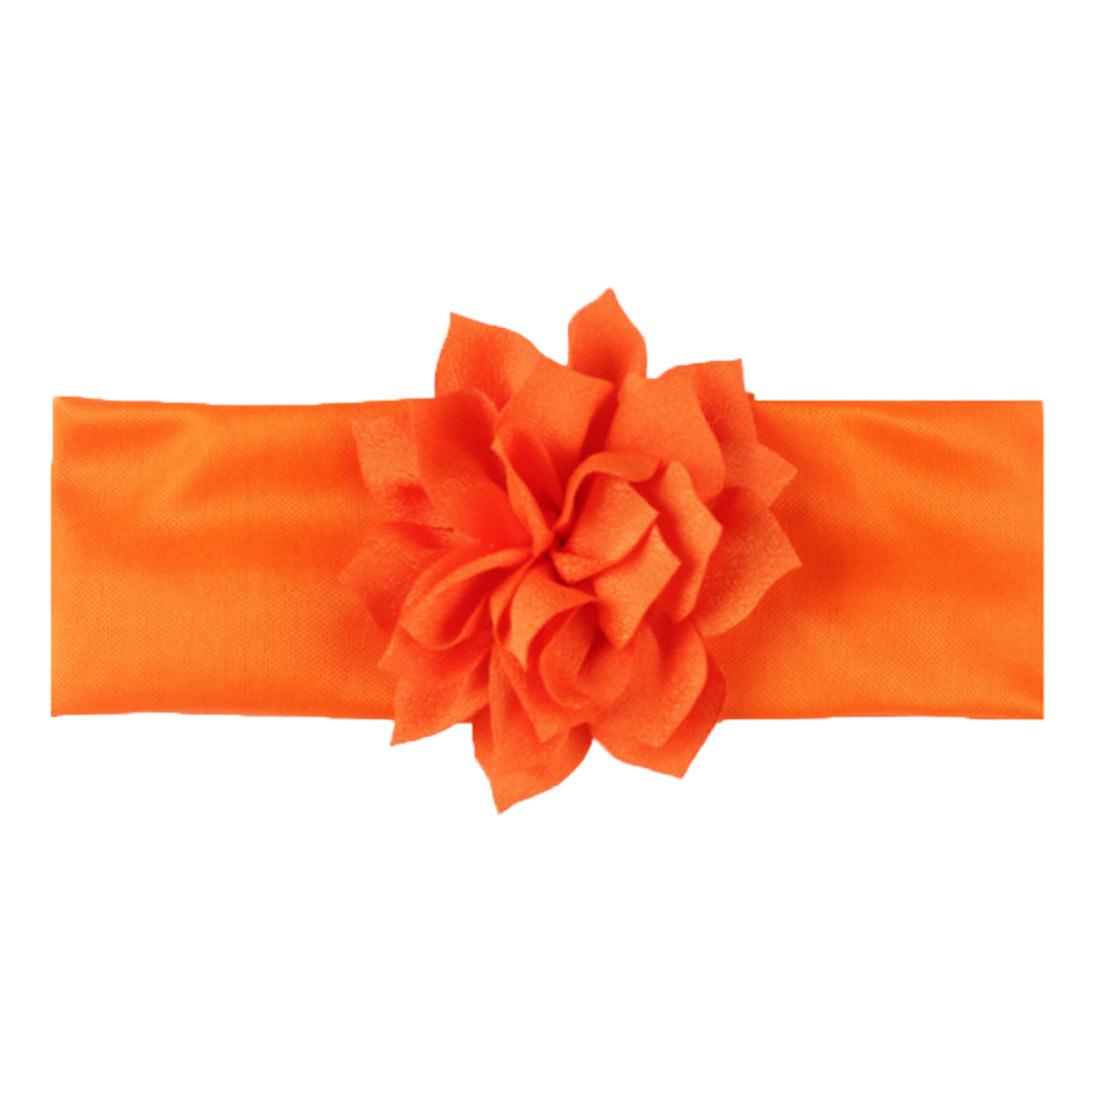 Baby-Bow-Nylon-Headband-Soft-Stretch-Flower-Nylon-Headband-Children-039-s-Headband thumbnail 8